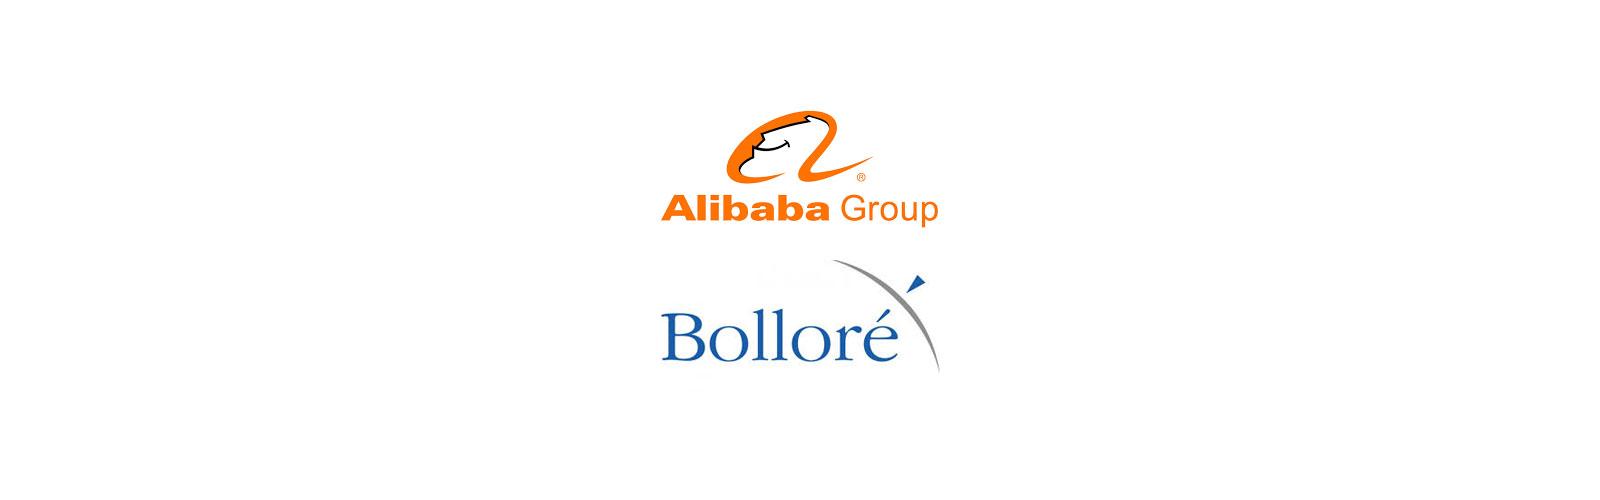 alibaba-bollore